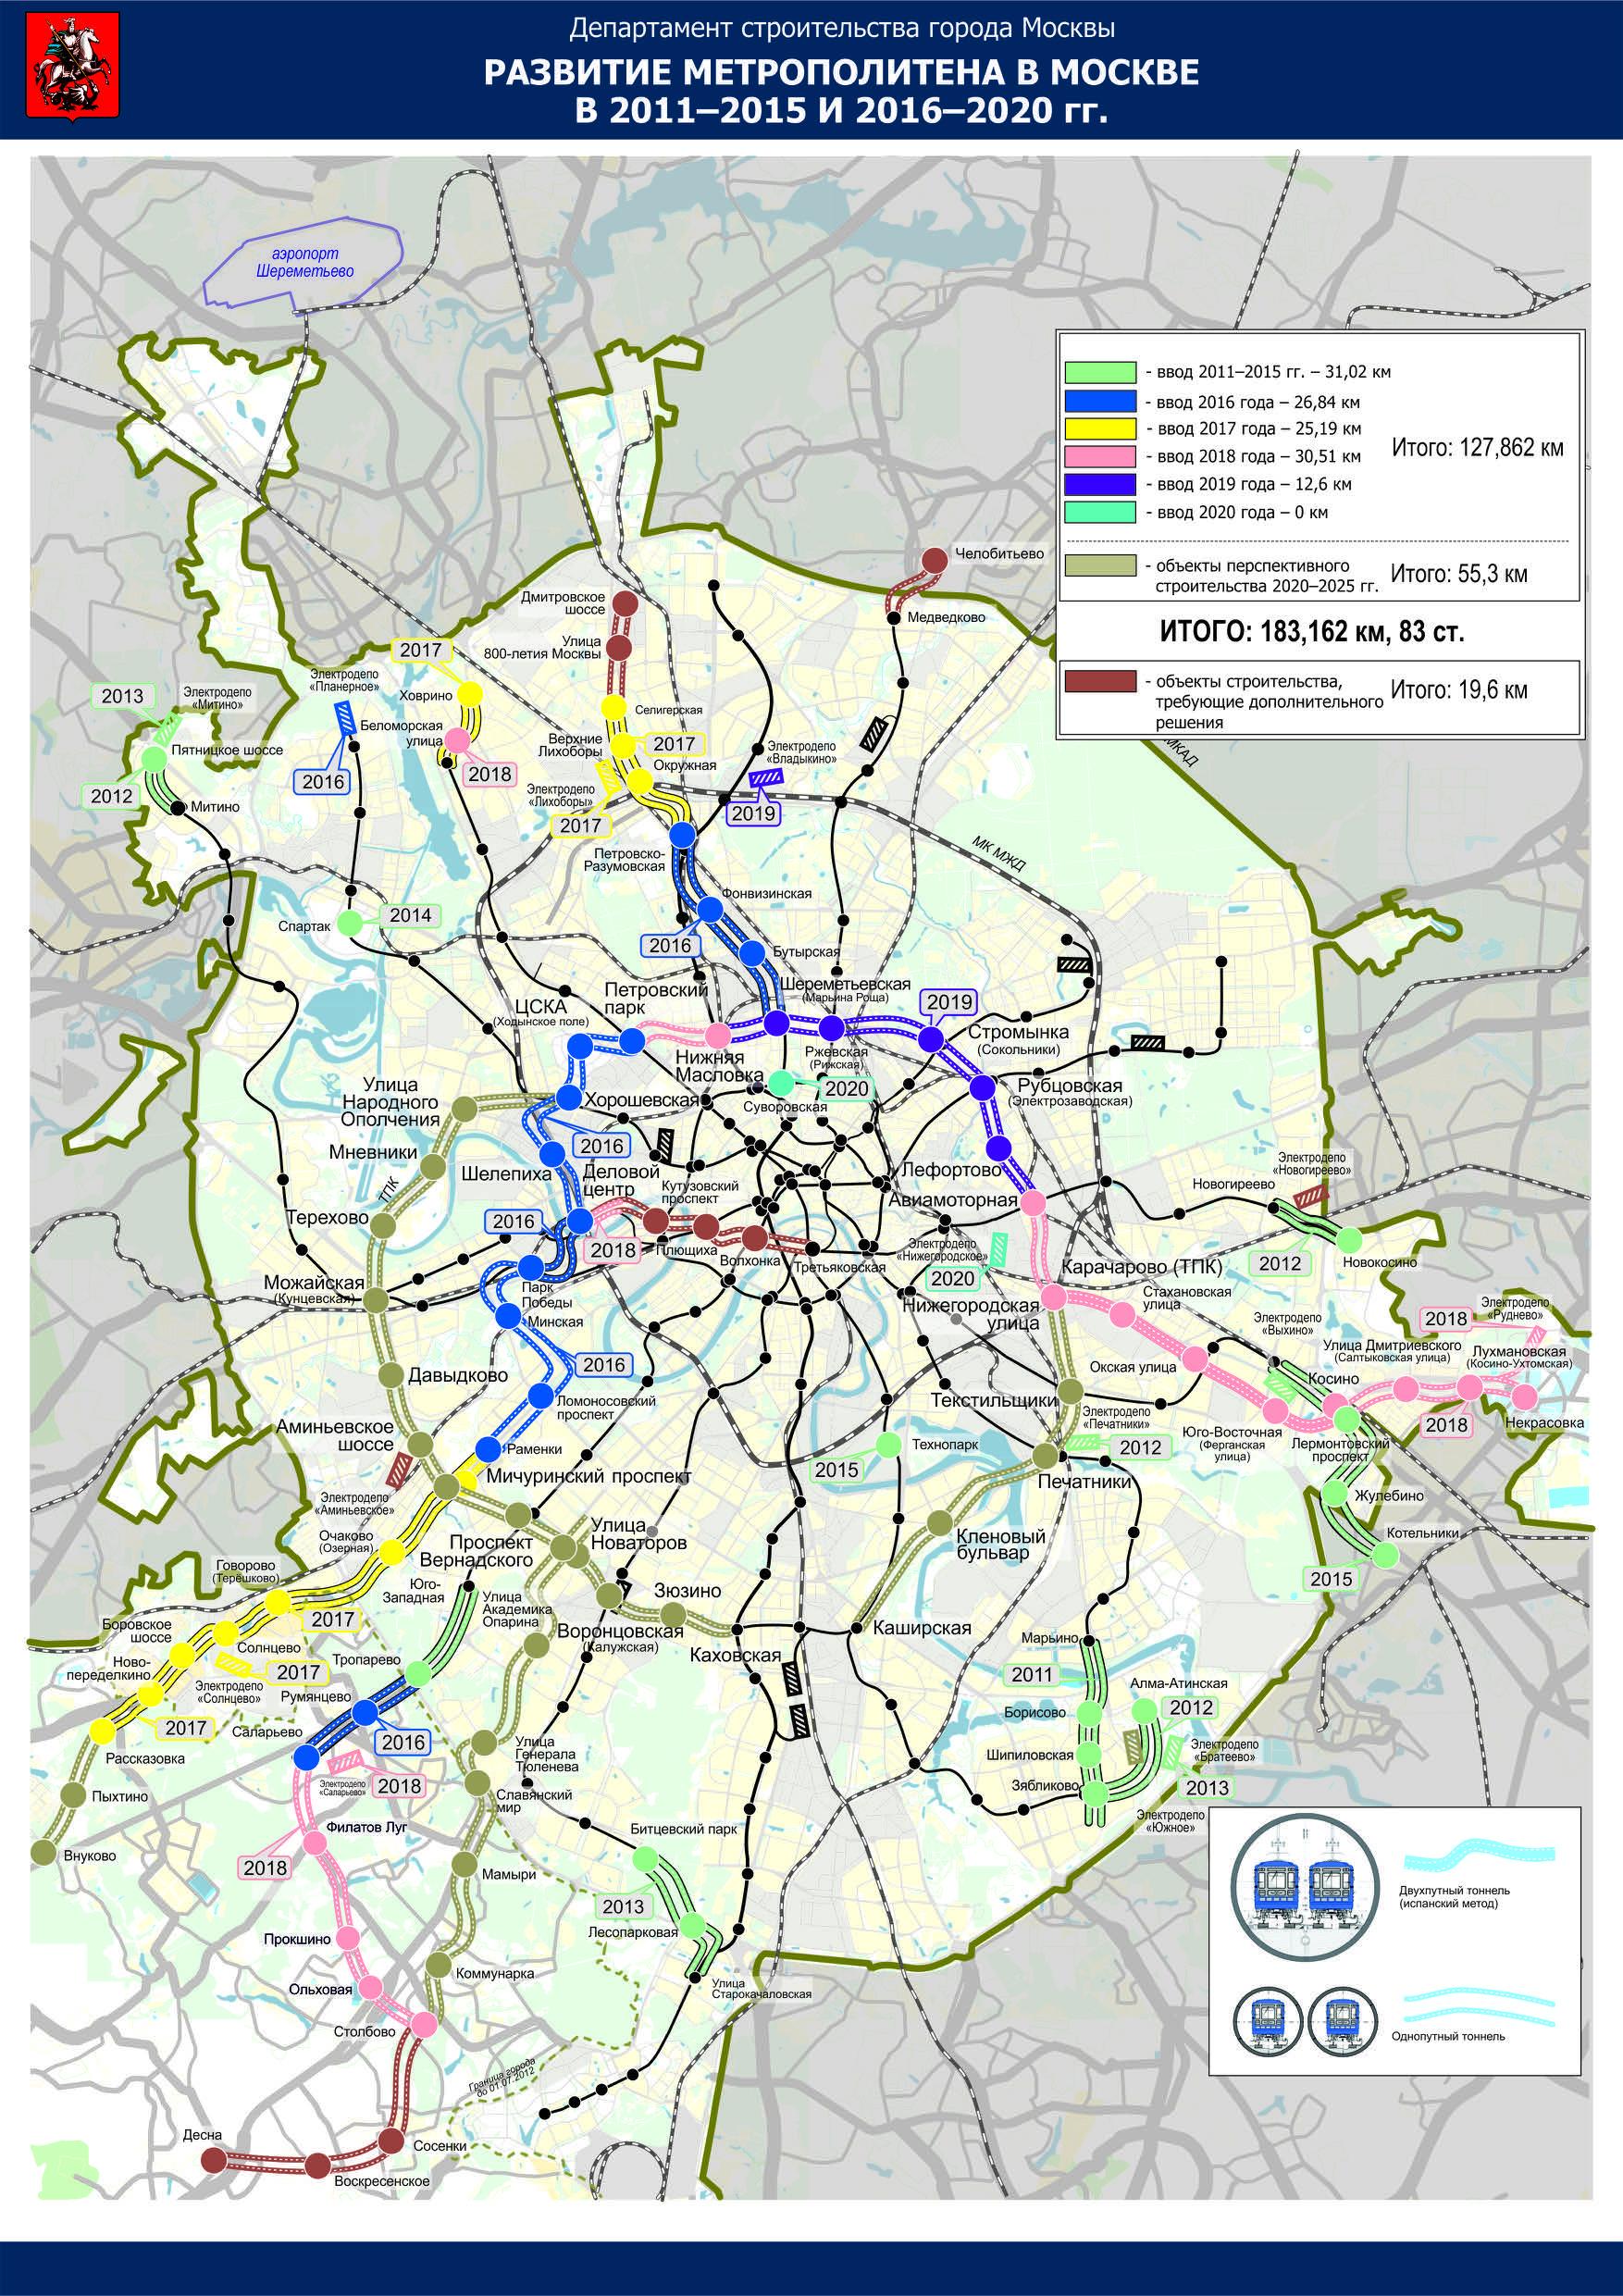 Развитие московского метрополитена до 2030 года с схемой